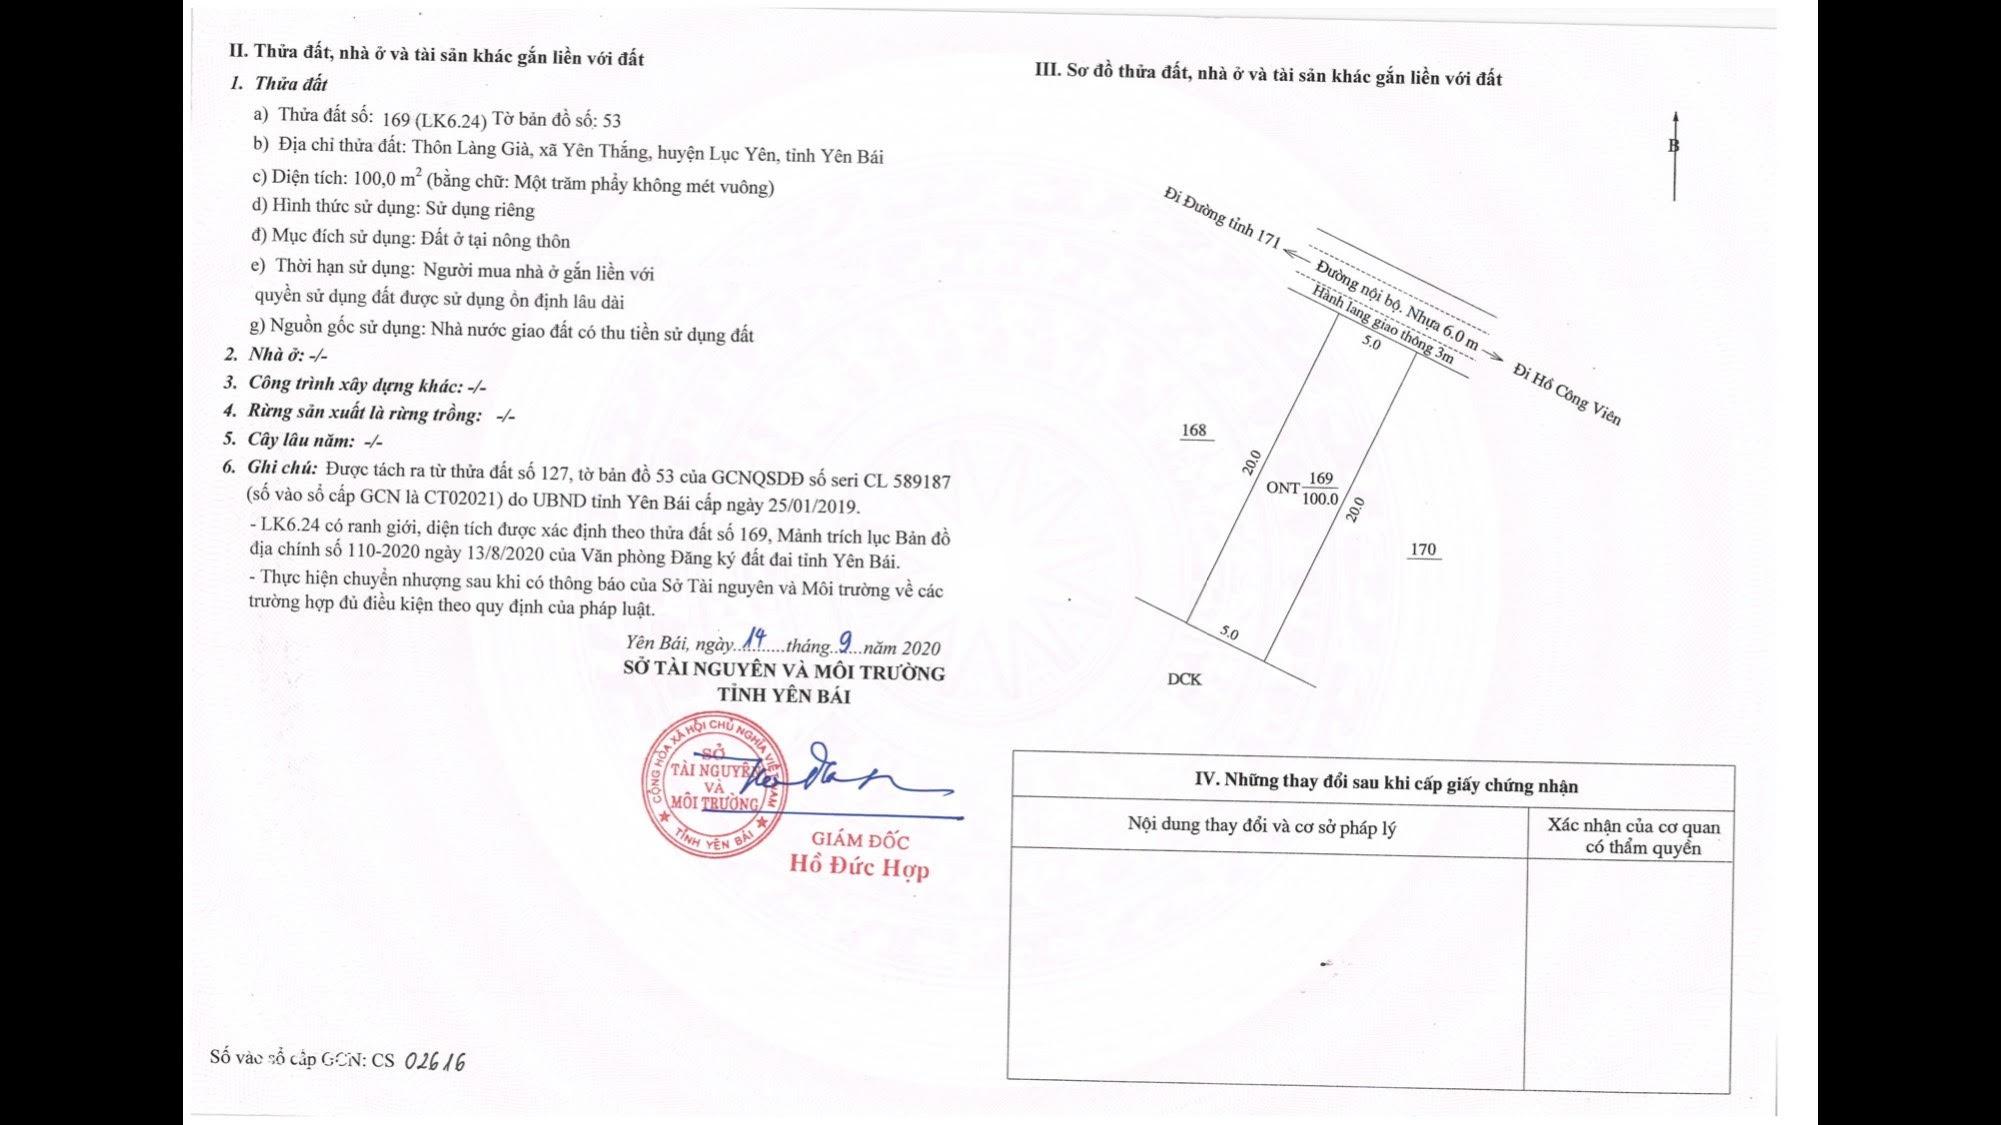 Bán 100m2 đất nền VỊ TRÍ ĐẸP dự án TNR Starscity - Lục Yên - Yên Bái